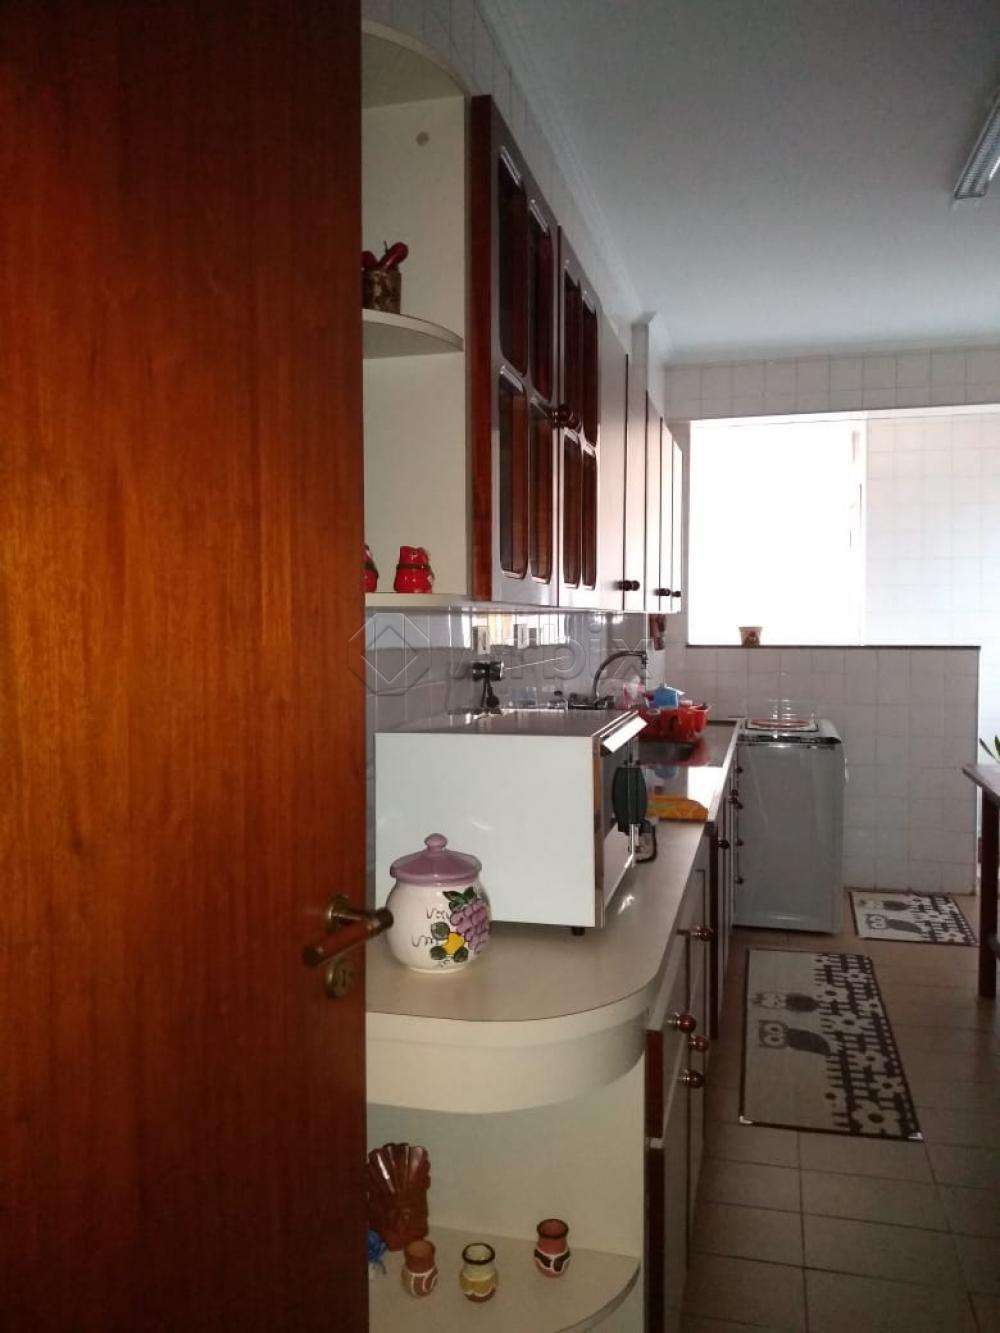 Comprar Apartamento / Padrão em Americana apenas R$ 280.000,00 - Foto 13